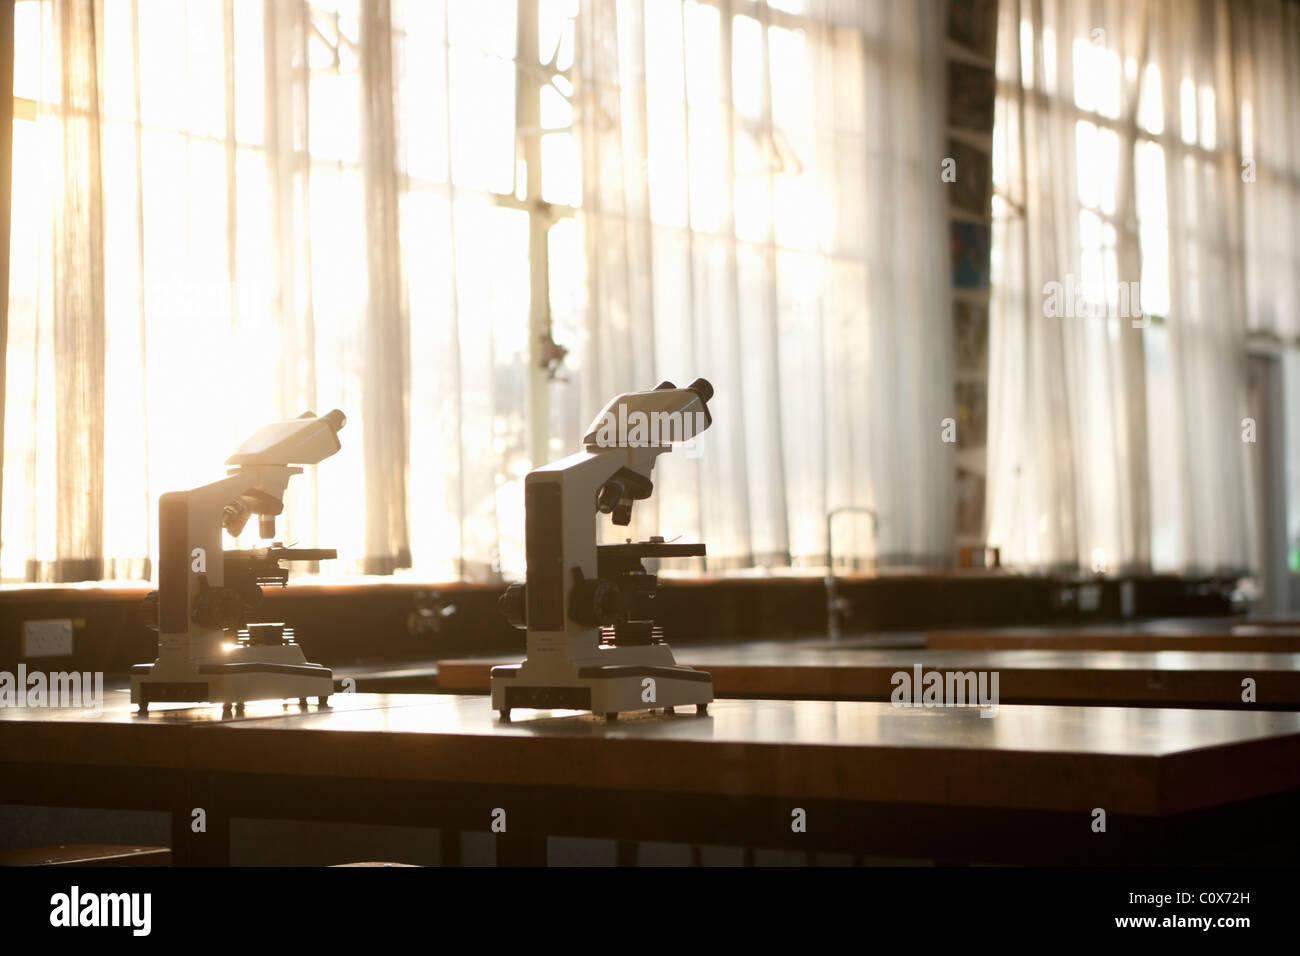 Deux micrpscopes sur établi Photo Stock